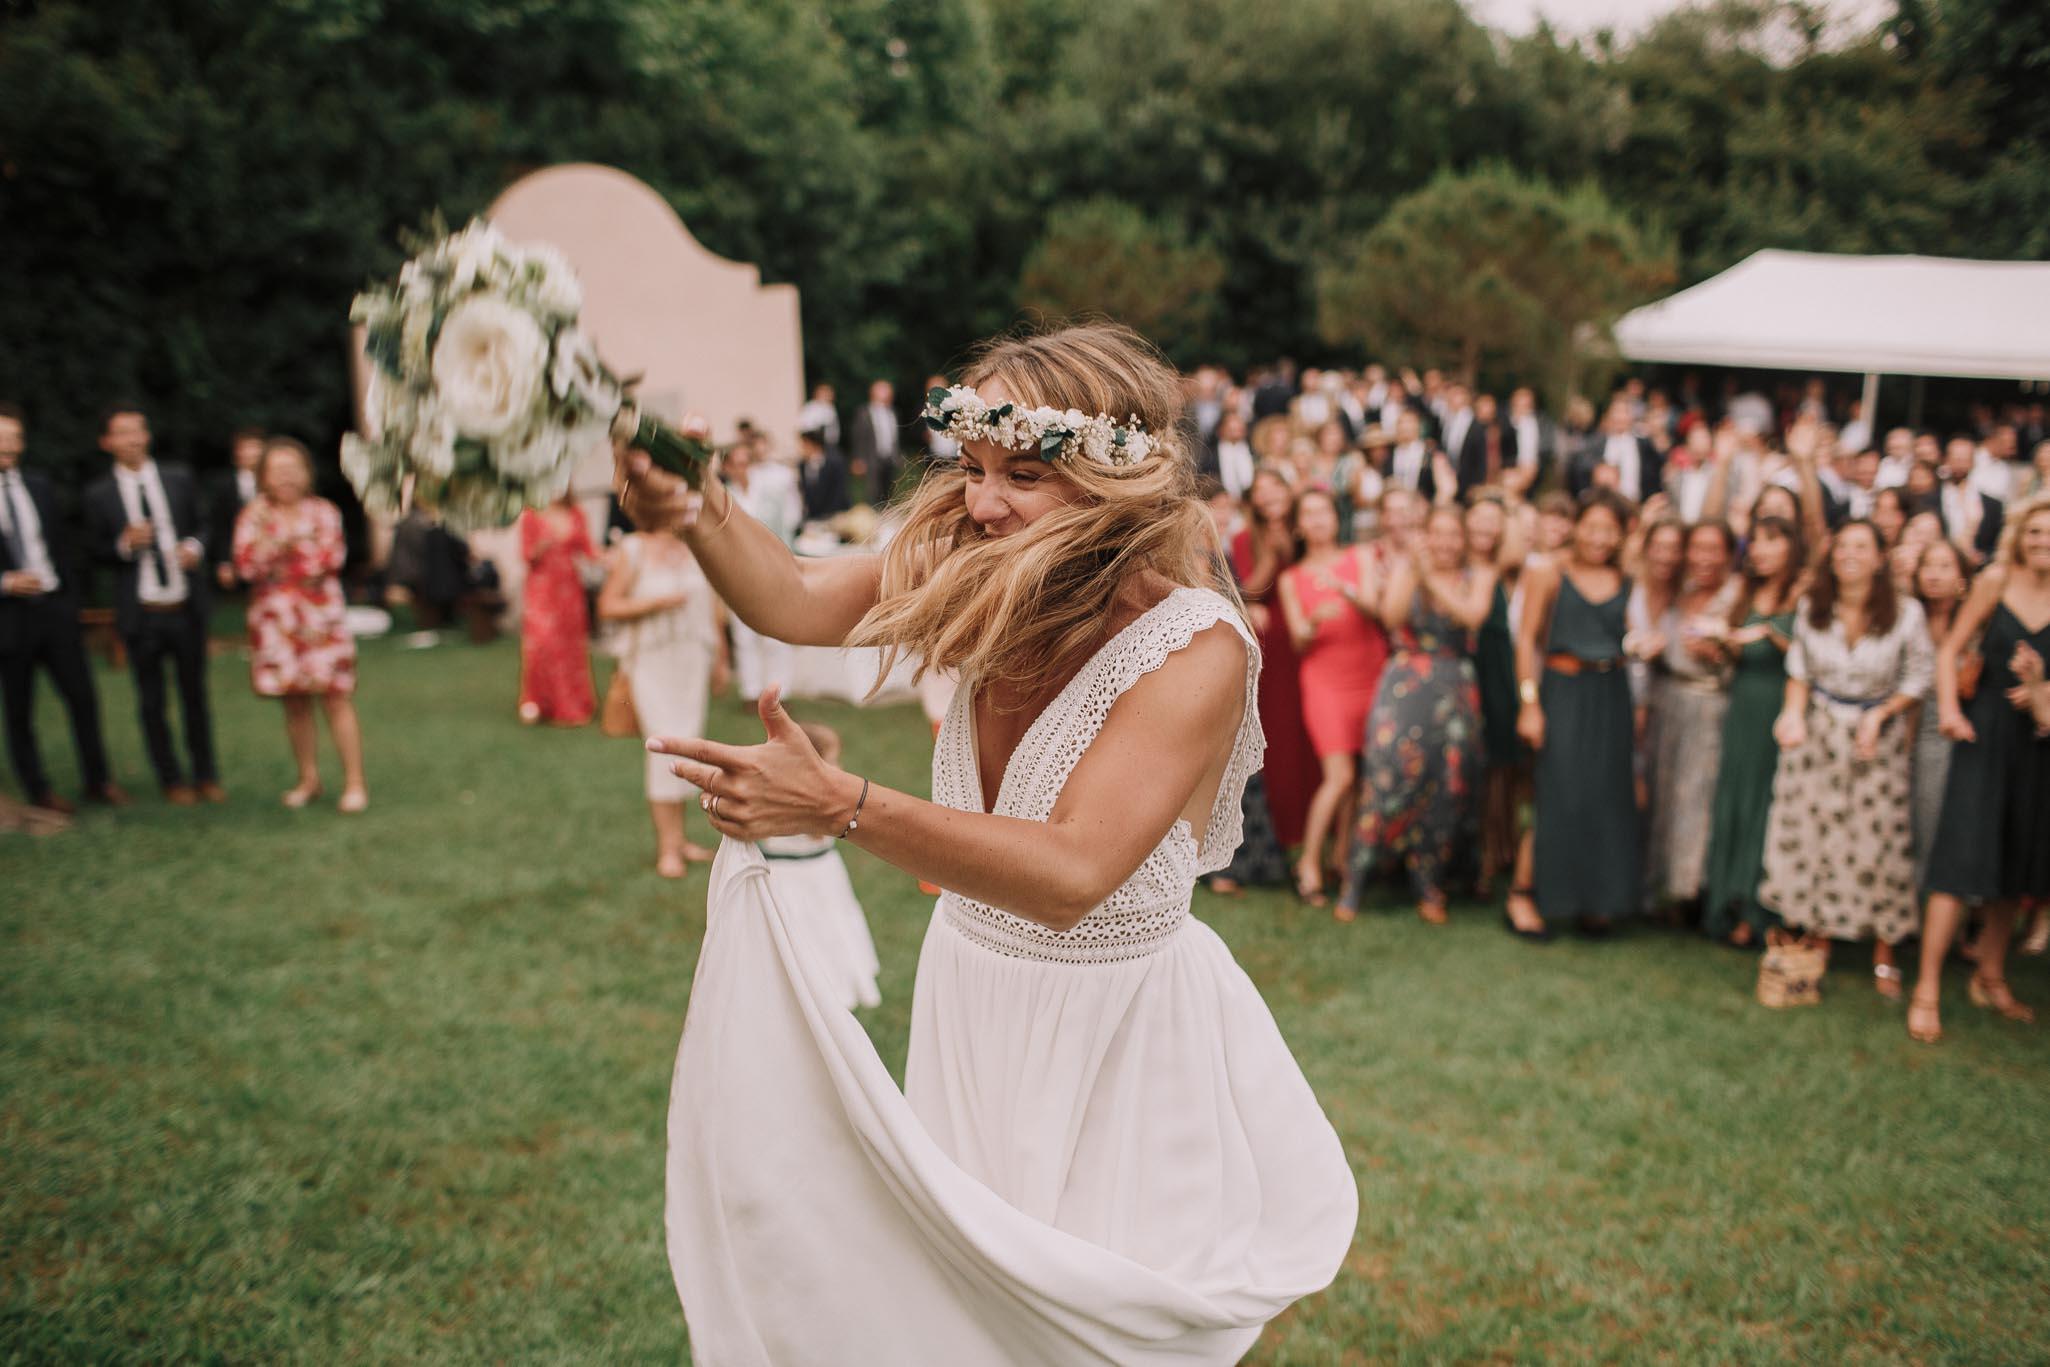 Photographe-mariage-bordeaux-jeremy-boyer-pays-basque-ihartze-artea-sare-robe-eleonore-pauc-couple-amour-136.jpg